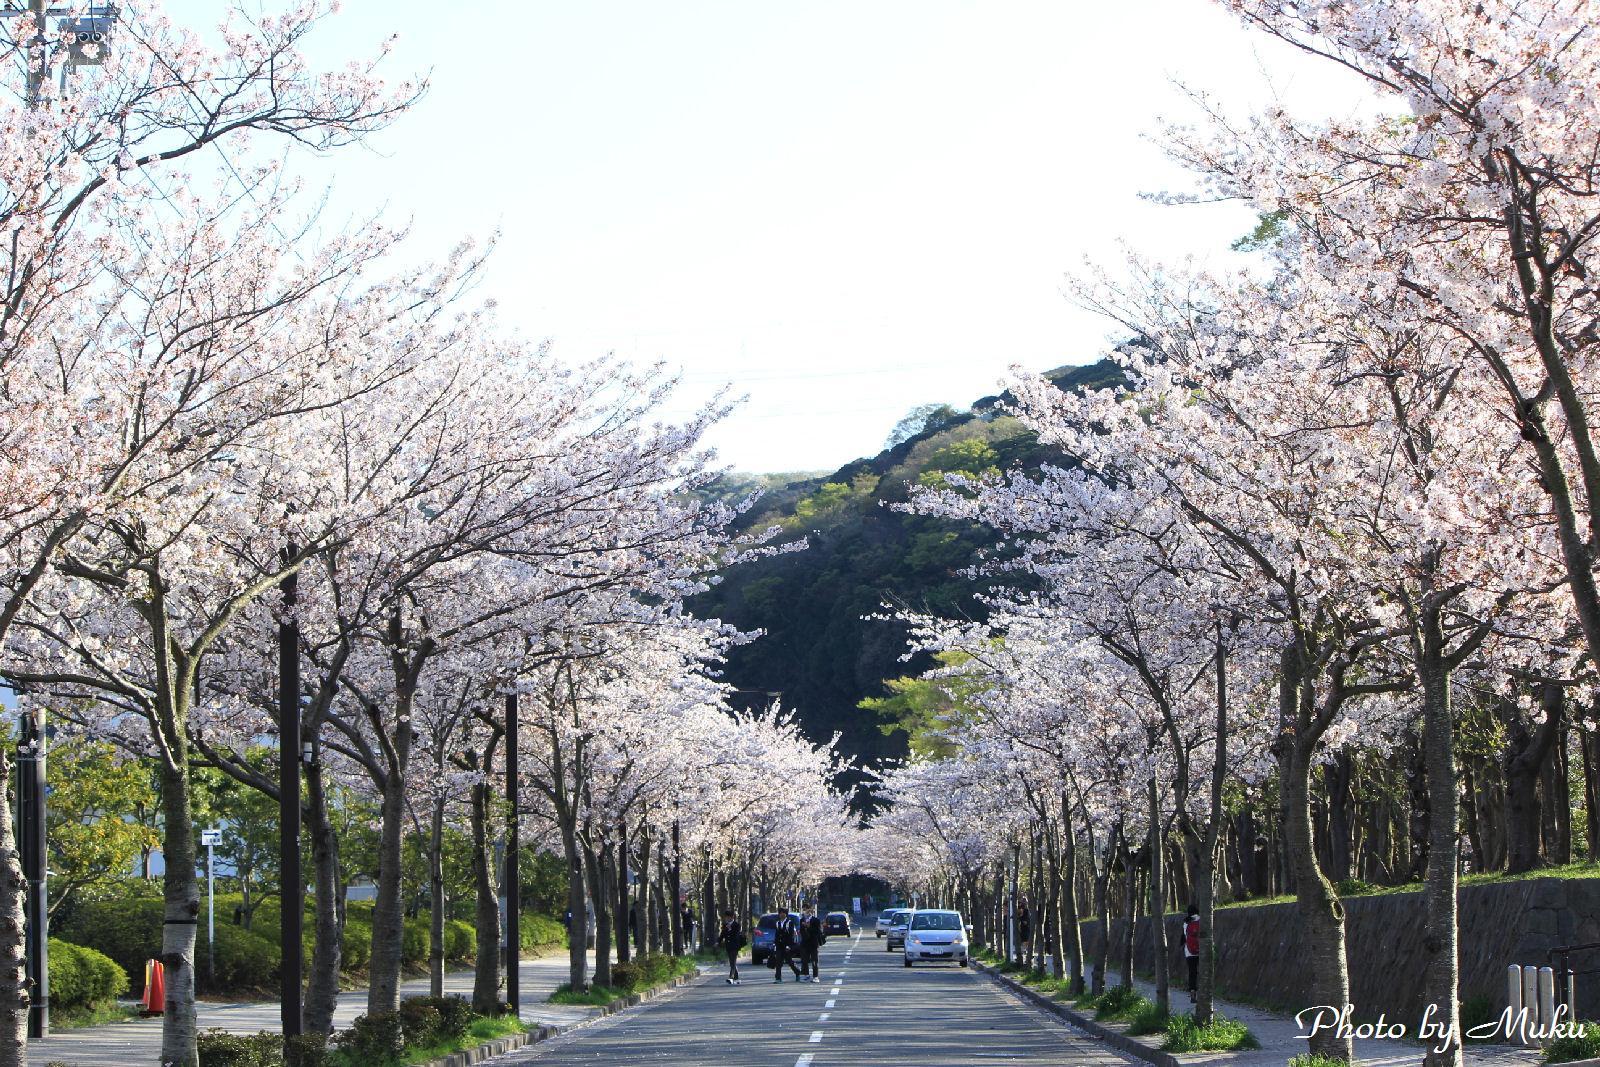 2014.4.5 くりはま花の国前の桜並木:久里浜(神奈川県横須賀市)